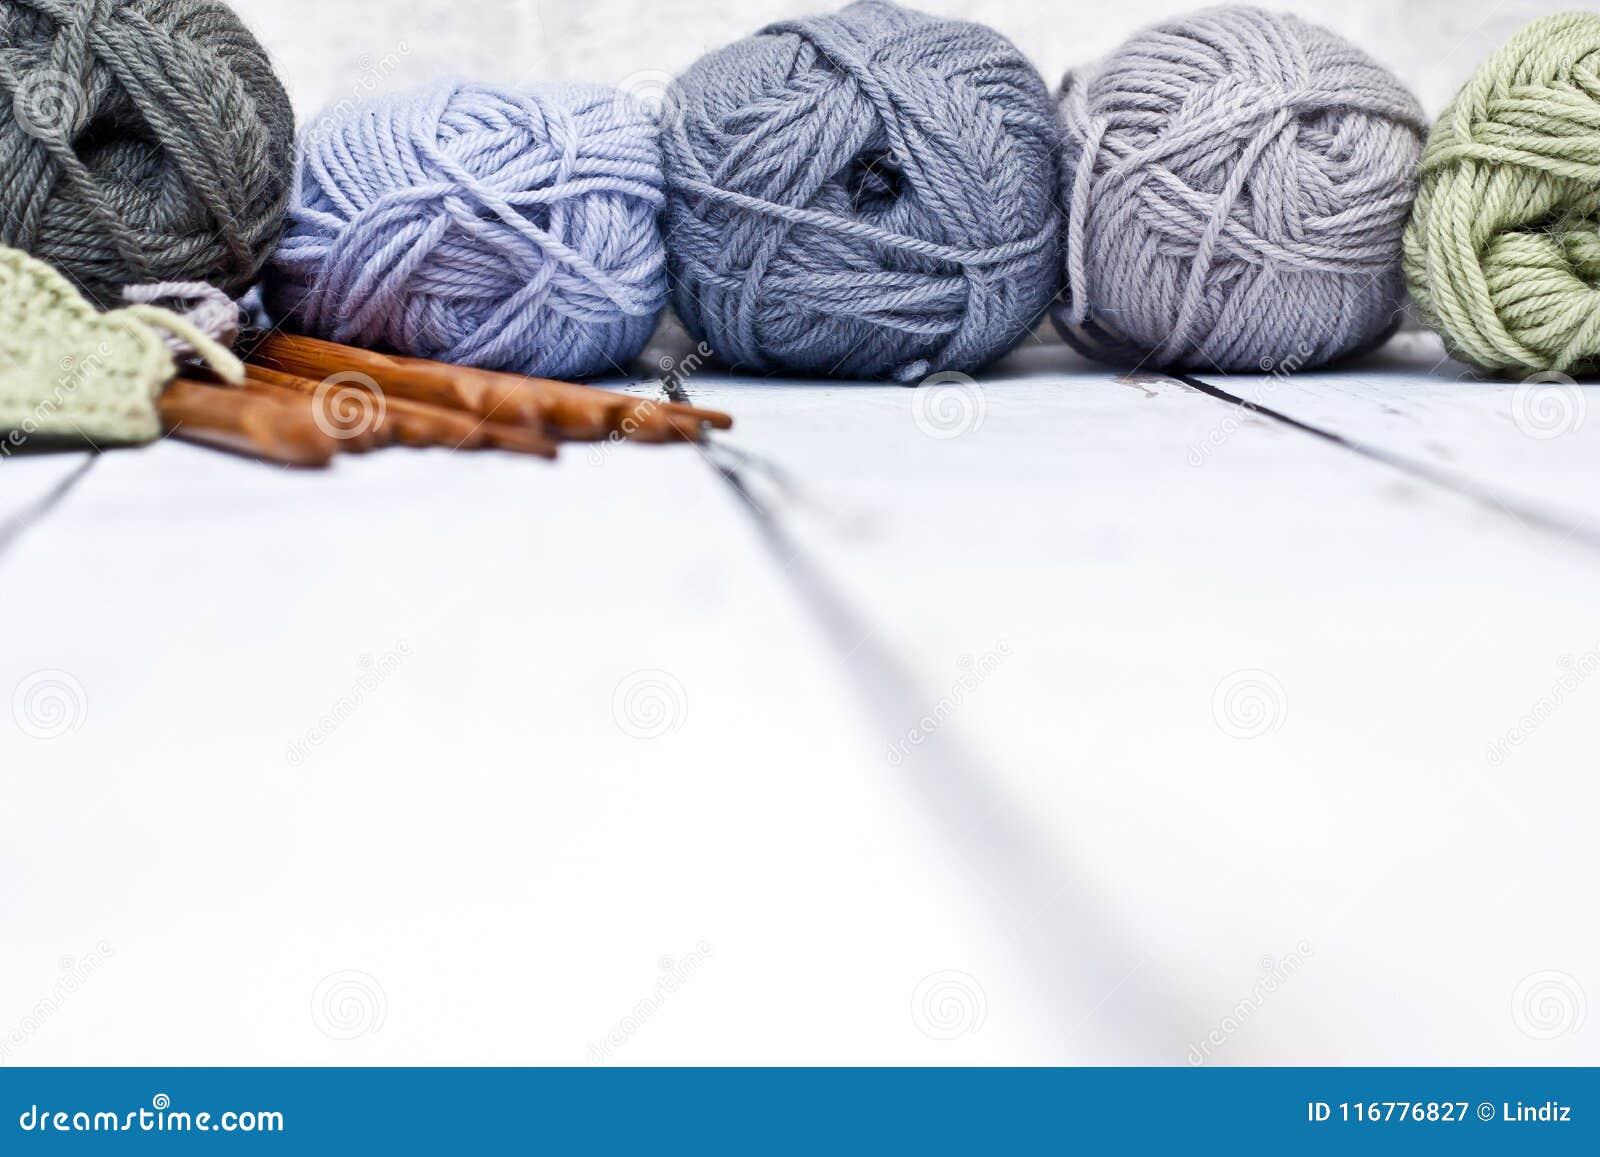 Fils dans le panier avec des crochets de crochet dans des couleurs harmonieuses tricotant, approvisionnements faisants du crochet